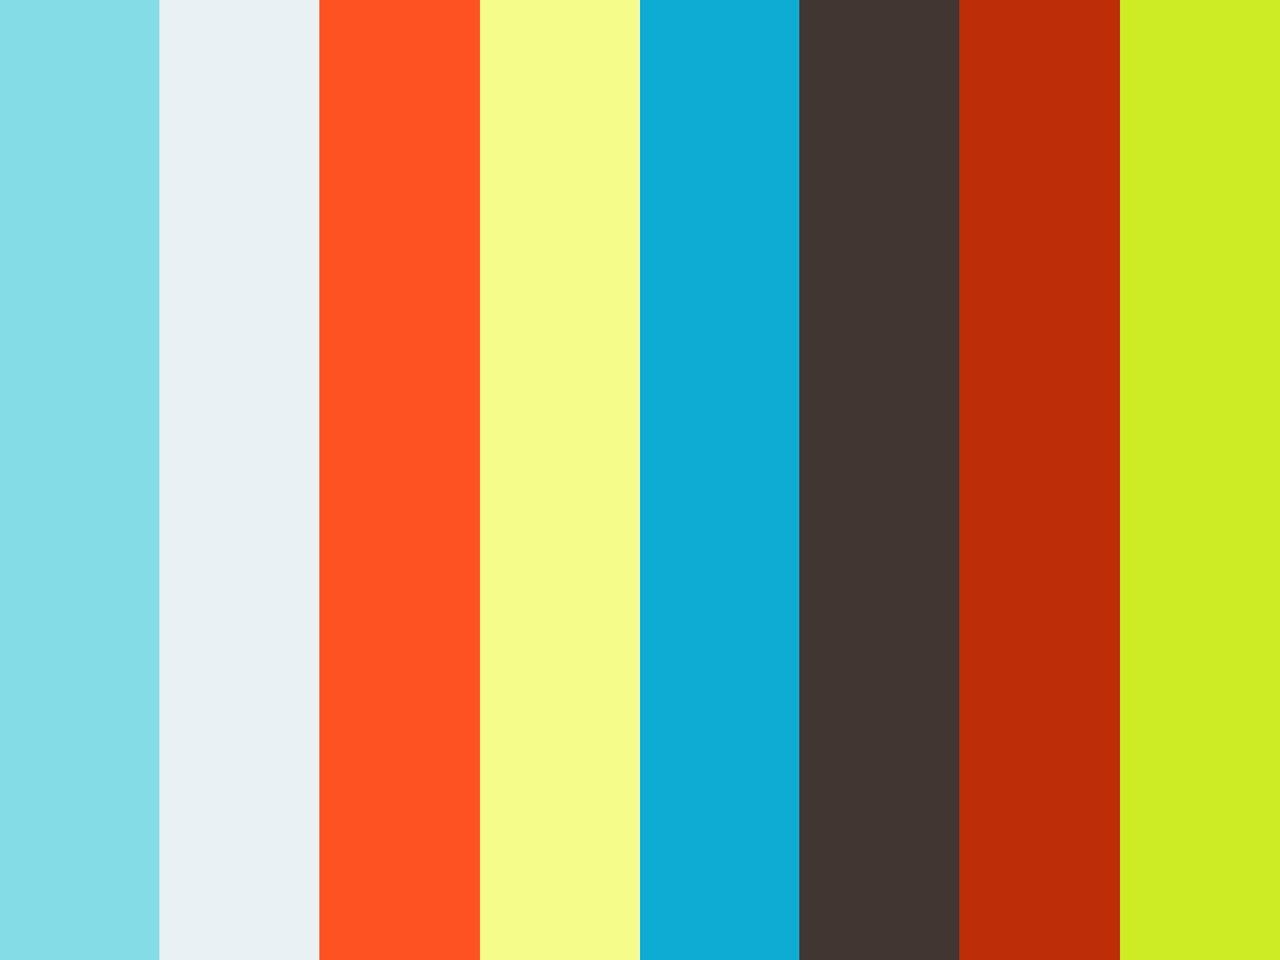 Palestra Mensal de Trigueirinho - A Vida Harmoniosa e a Culpa - Maio 2017 - Completa